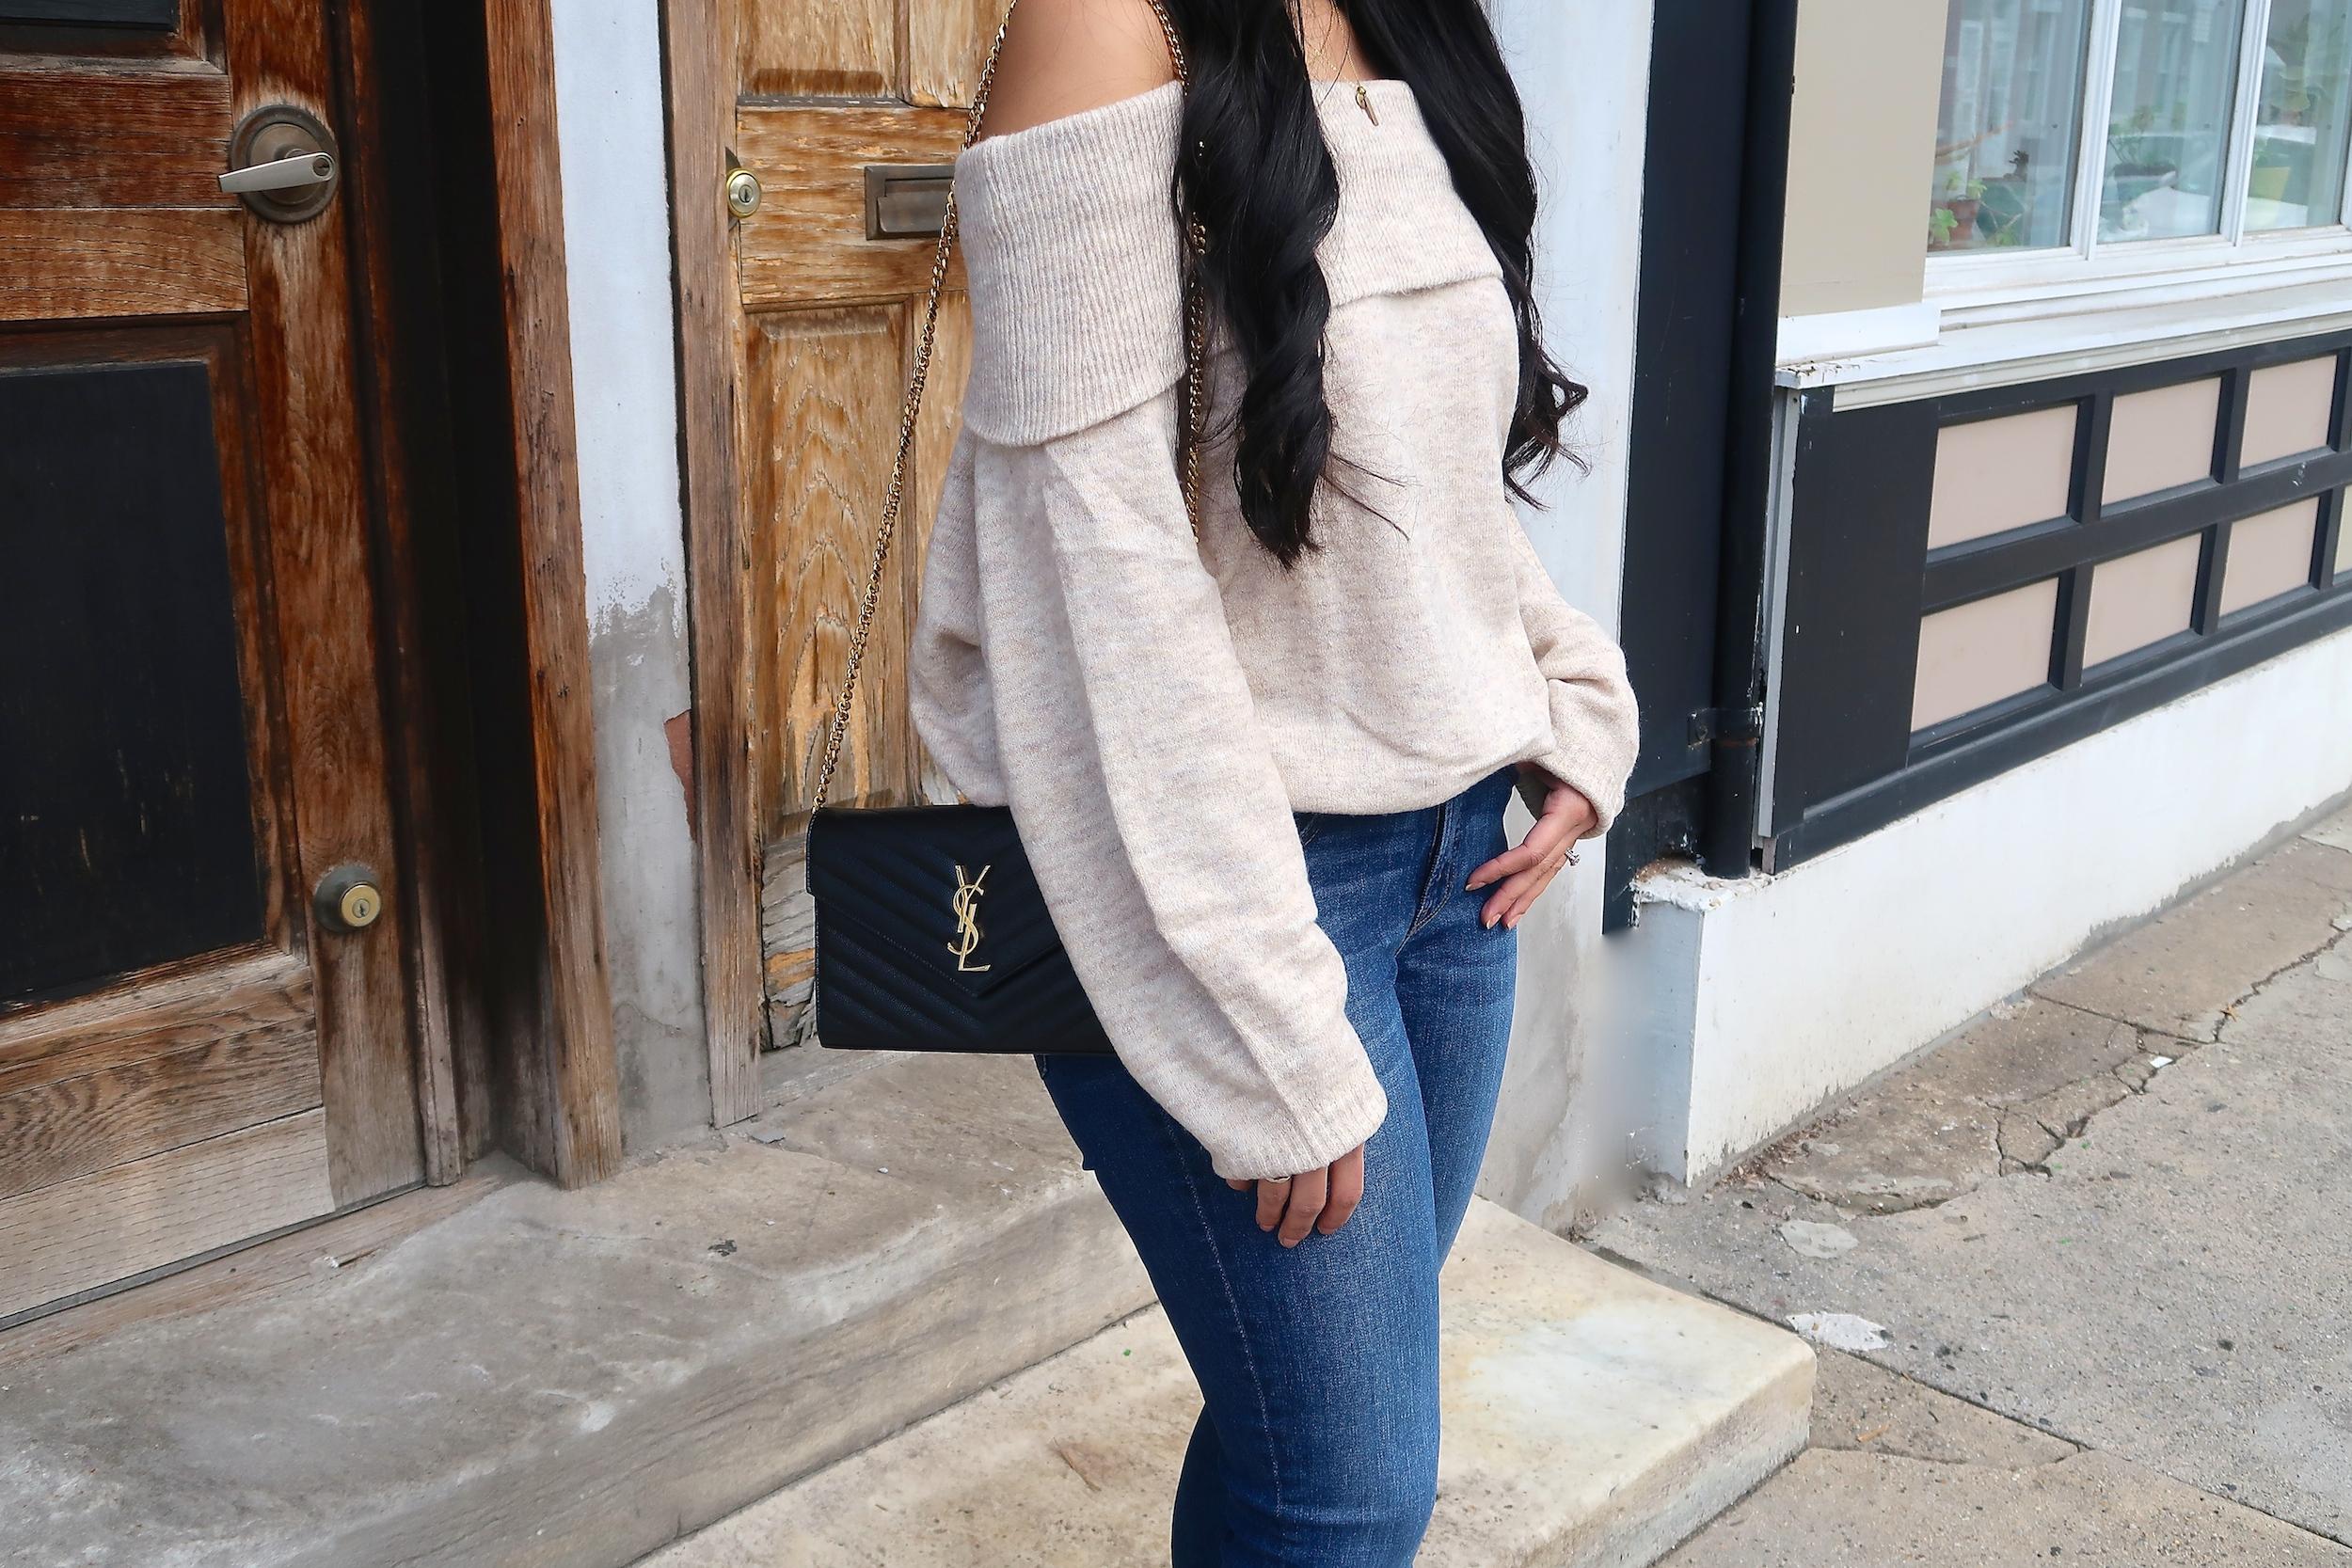 outfit-idea-OTS-shoulder-saint-laurent-purse.JPG